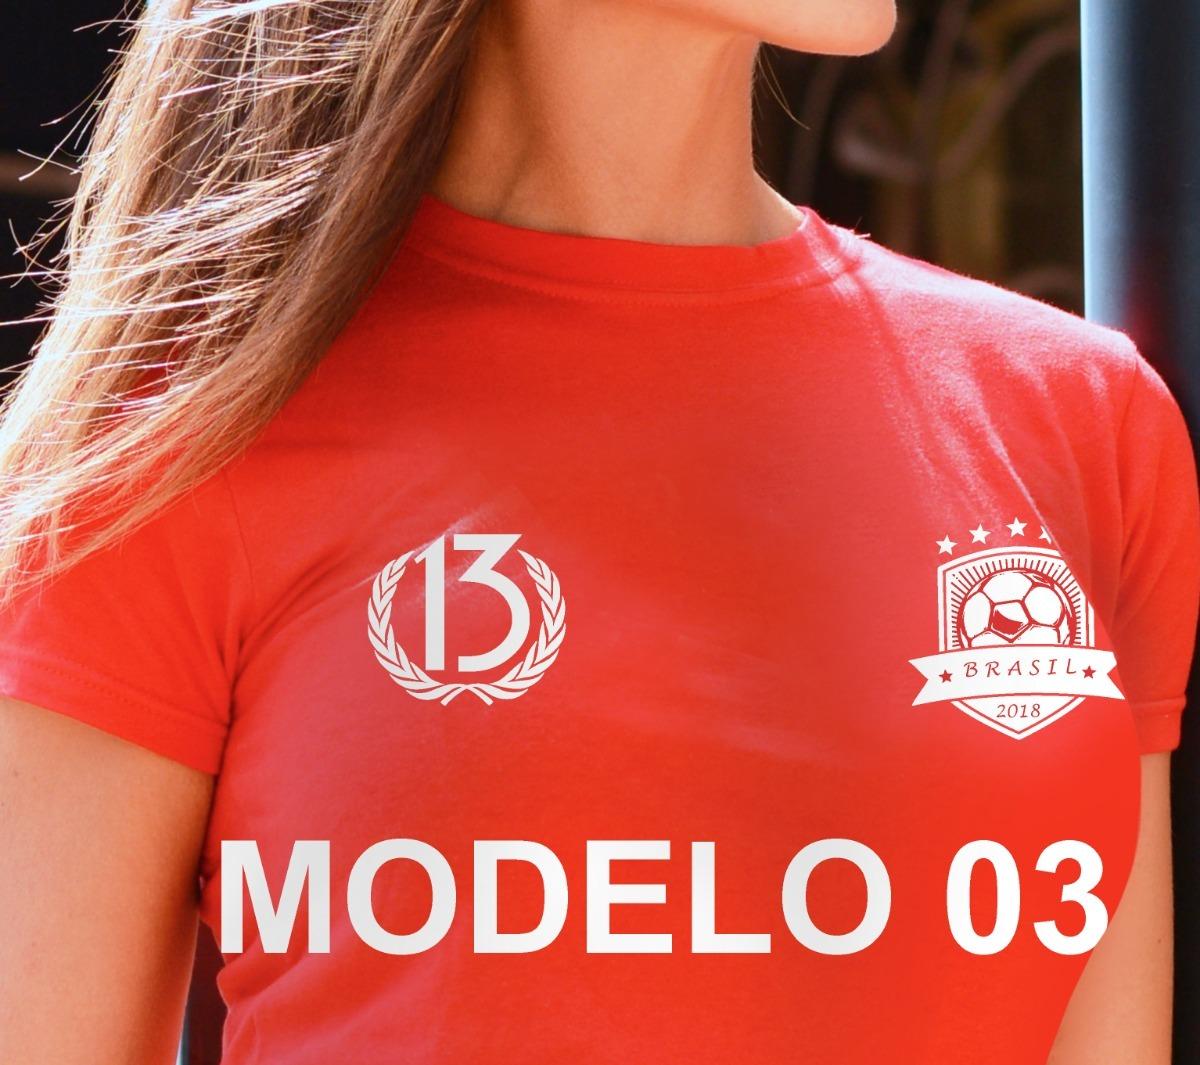 camisa feminina vermelha brasil comunista   esquerda   13. Carregando zoom. 47e78ed4a2fa0